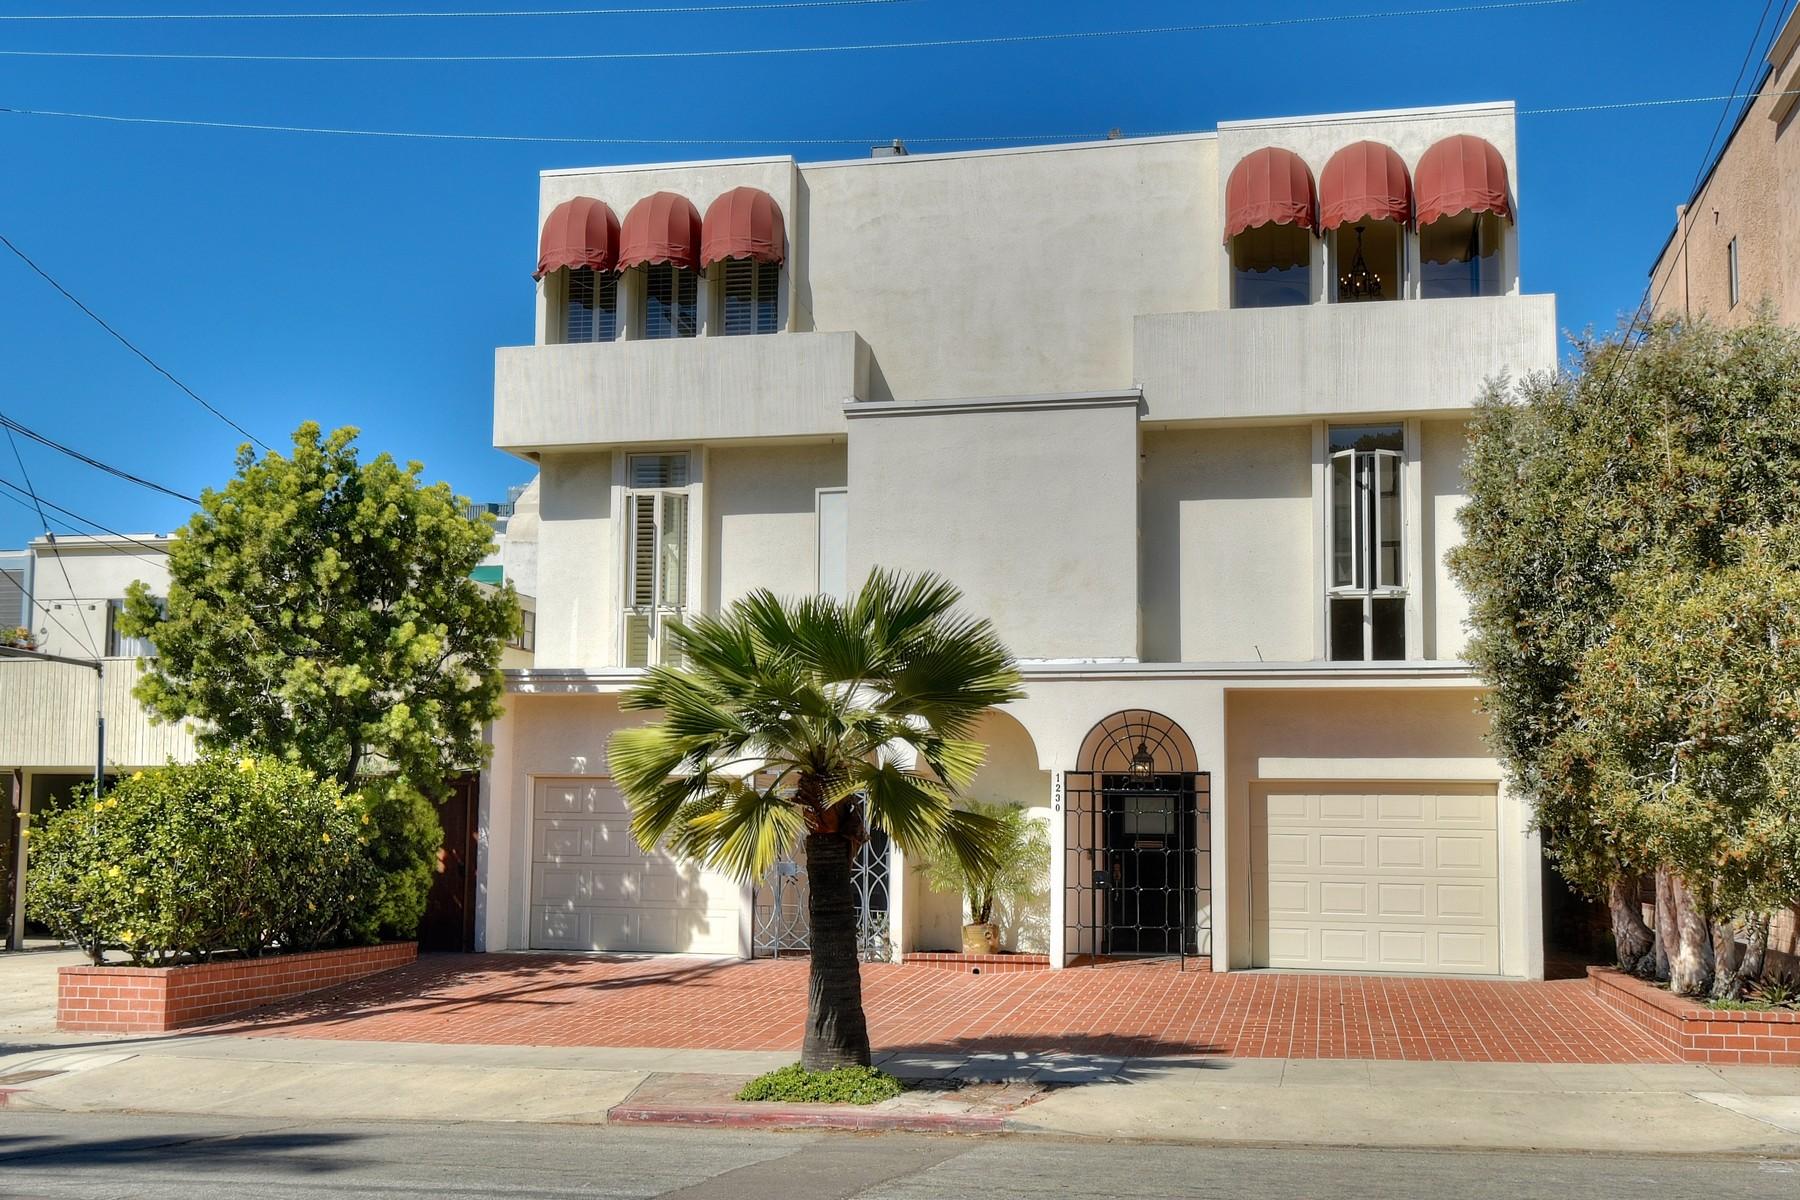 Casa Unifamiliar Adosada por un Venta en 1230 Cave Street La Jolla, California 92037 Estados Unidos